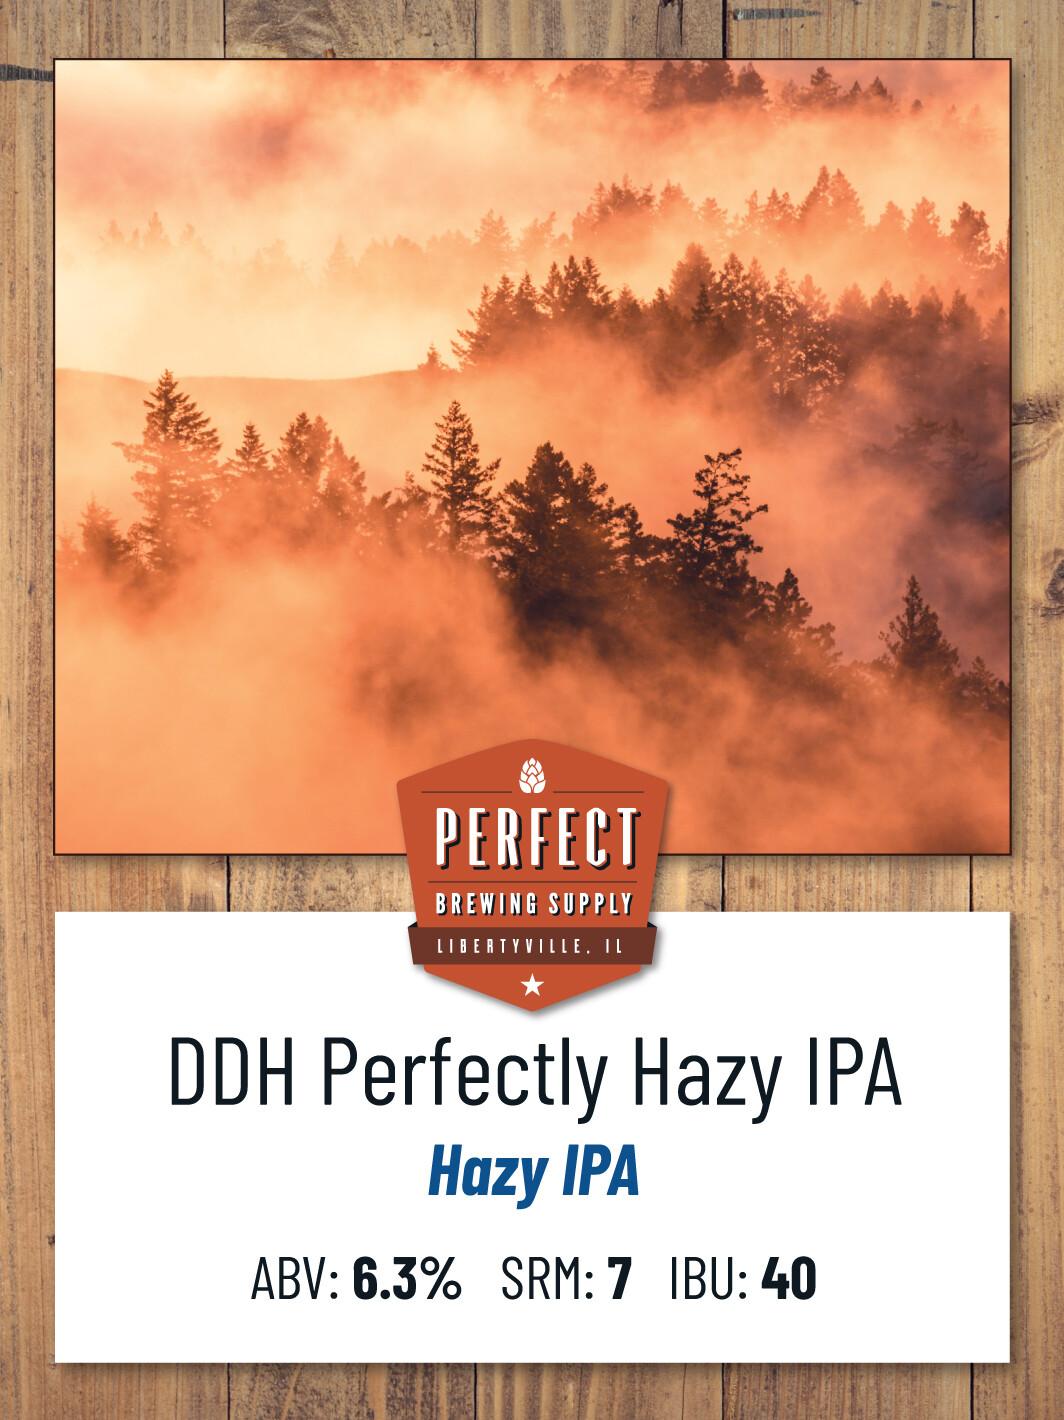 DDH Perfectly Hazy IPA **ALL GRAIN**